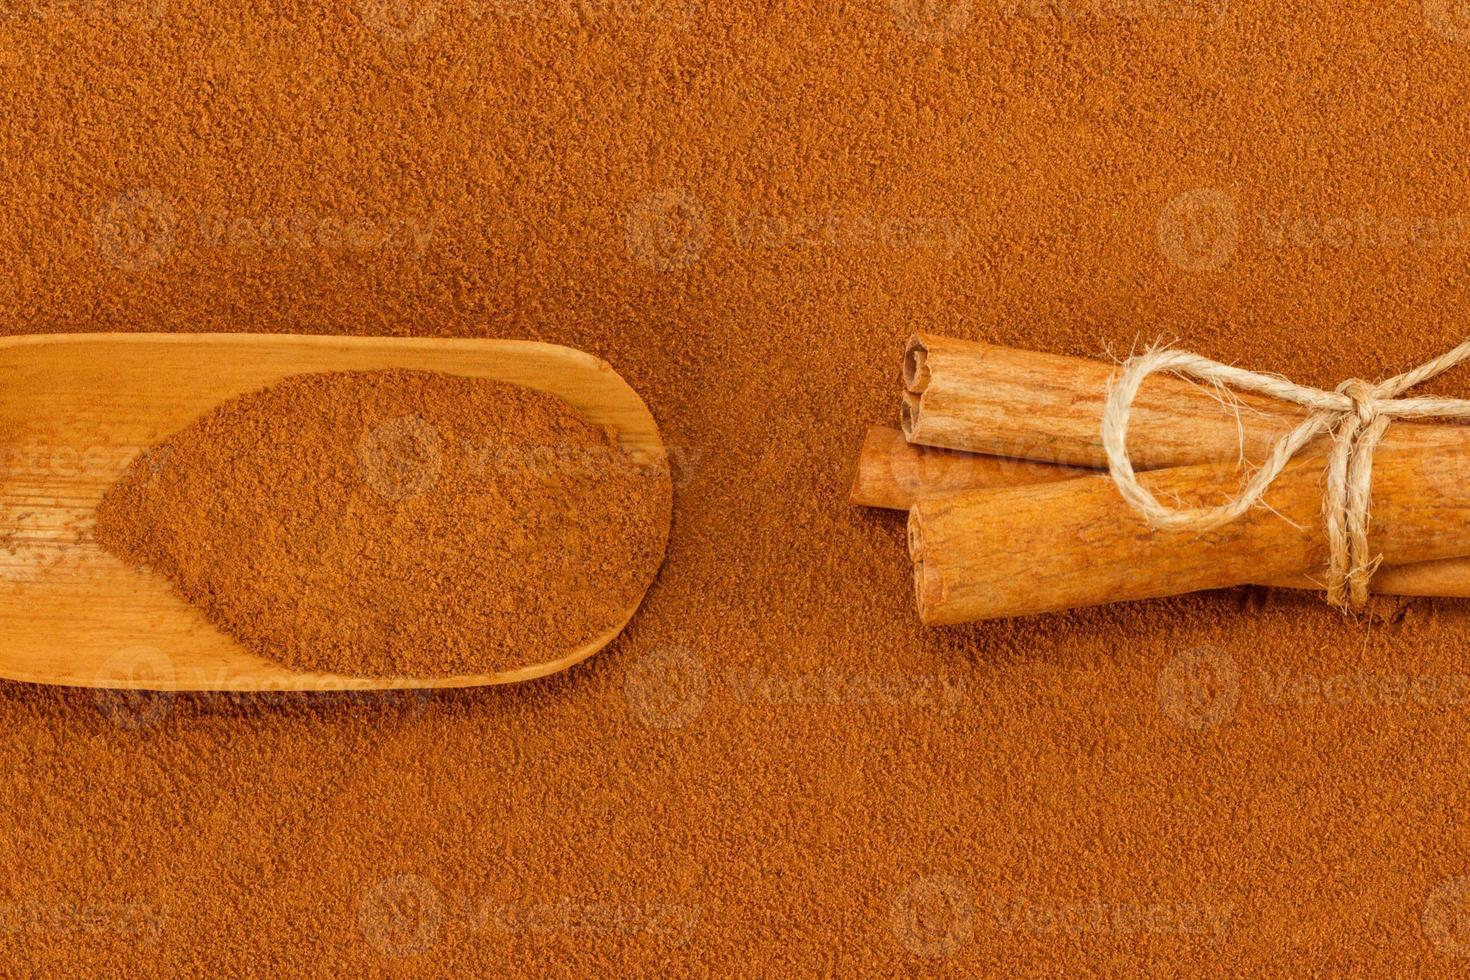 kanelpulver, pinnar och skopa foto